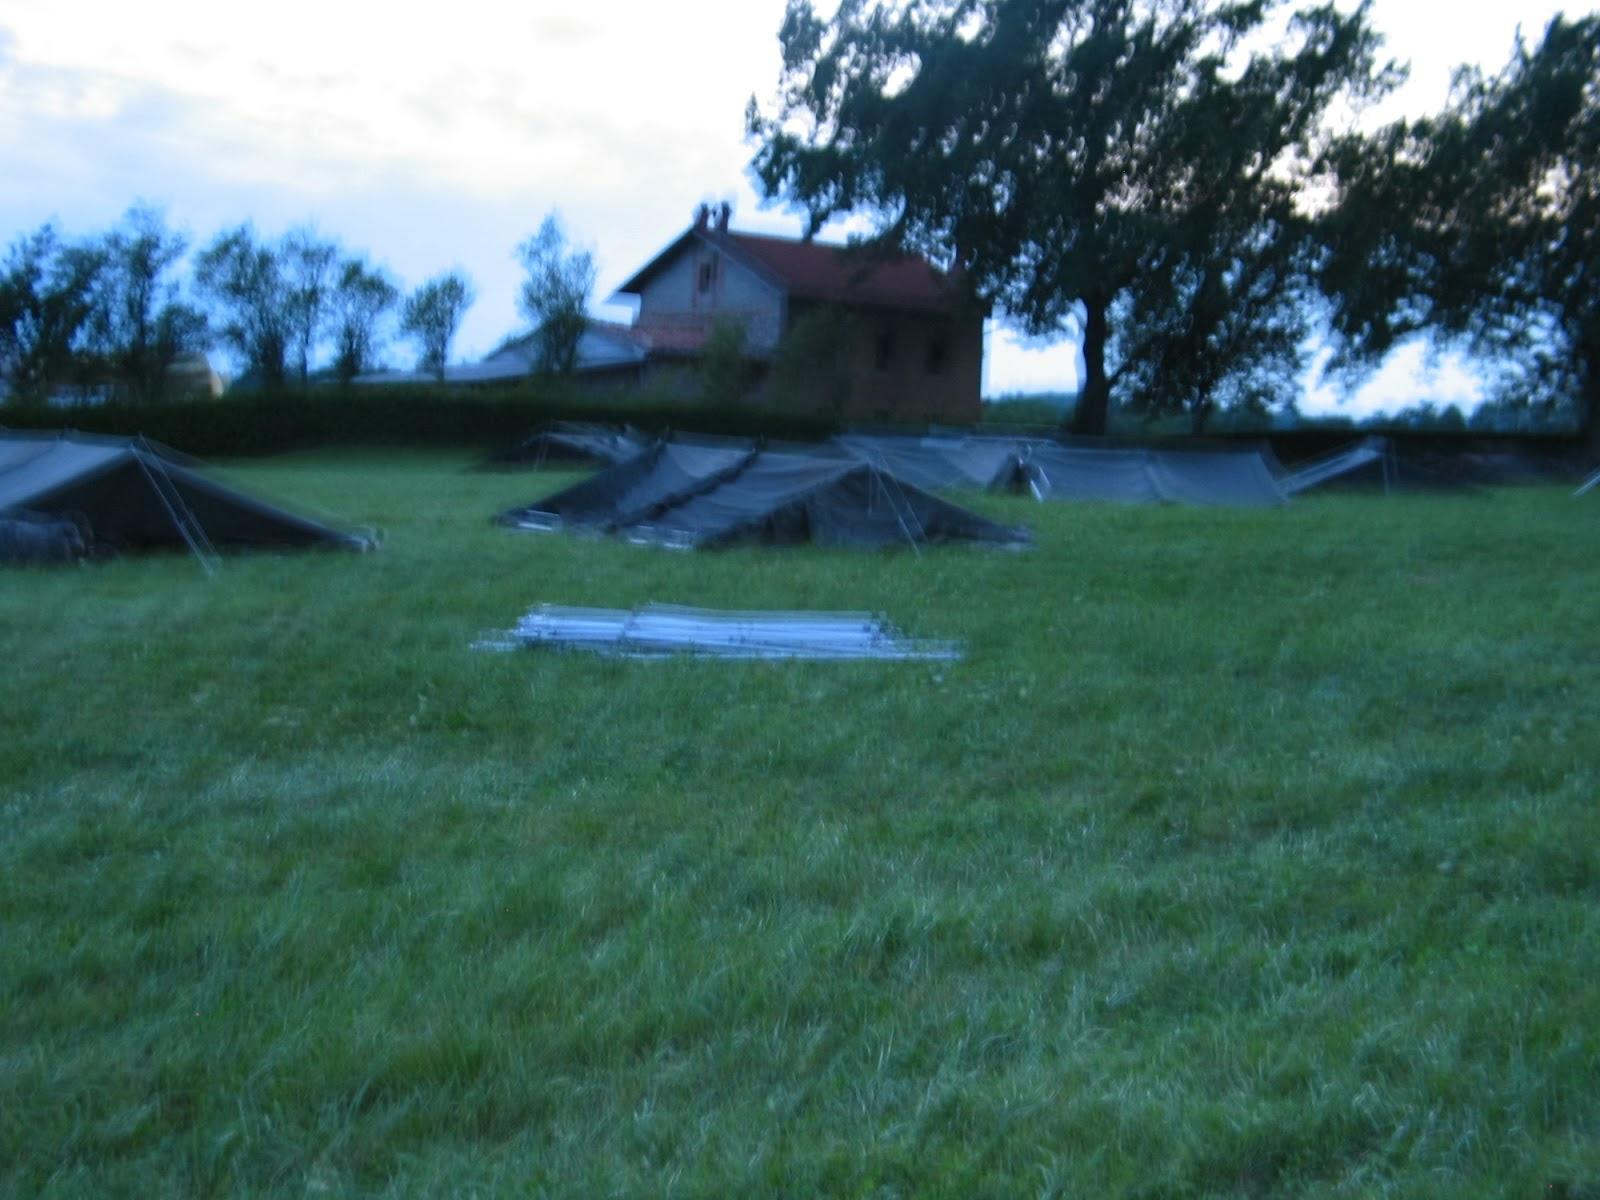 Pow-wow, Ilirska Bistrica 2004 - Zlet%2B2004%2B029.jpg